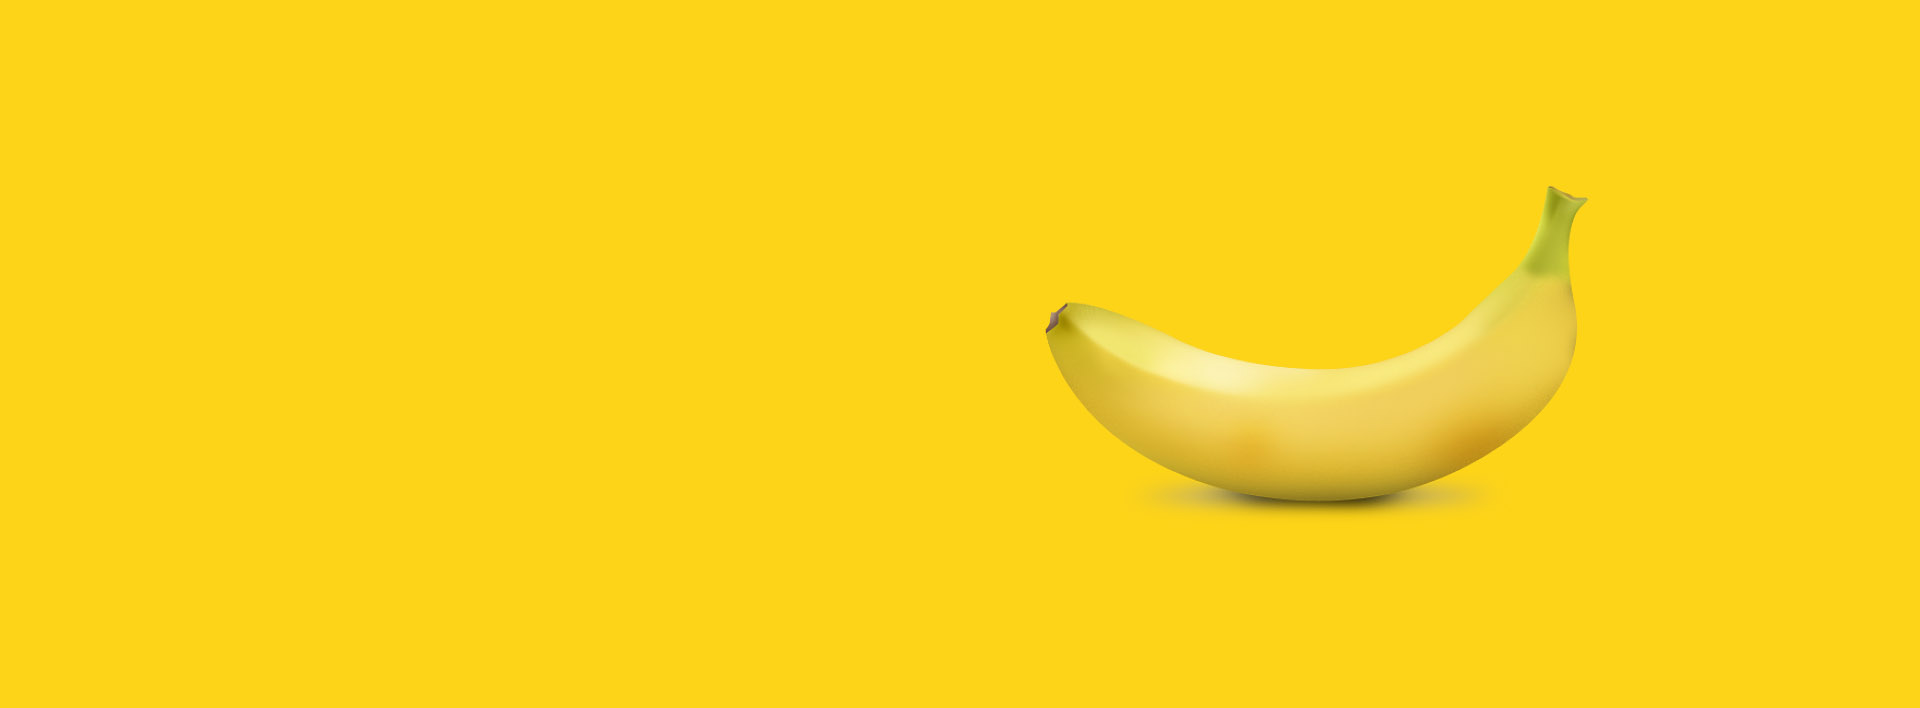 πεταλάς εμπόριο μπανάνας